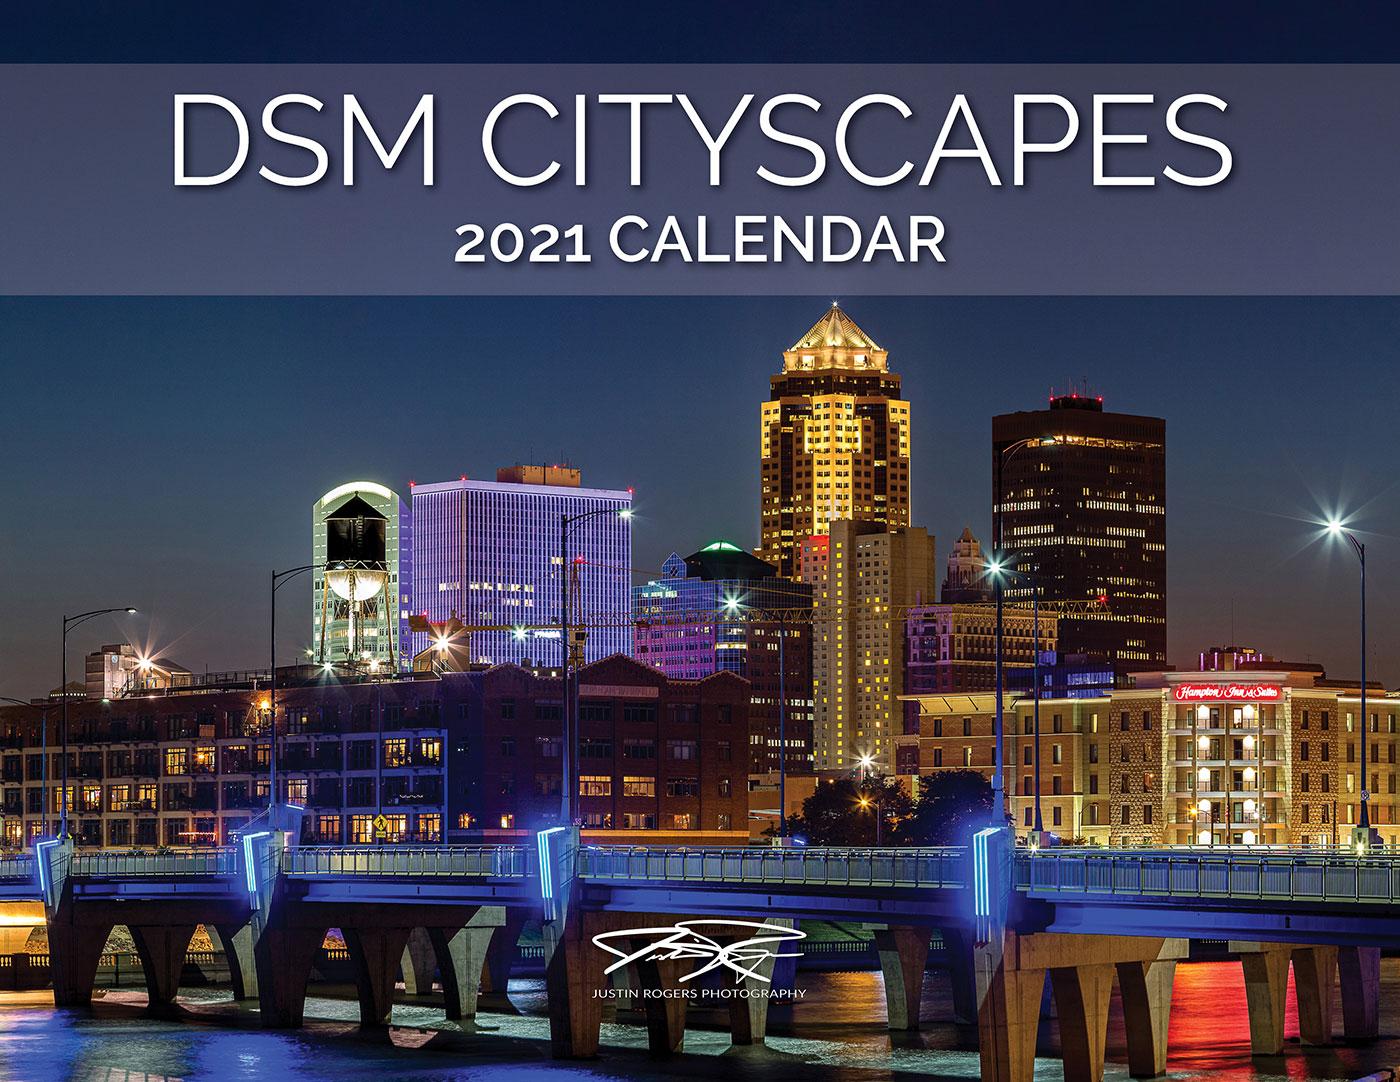 2021 Calendar: Des Moines Cityscapes